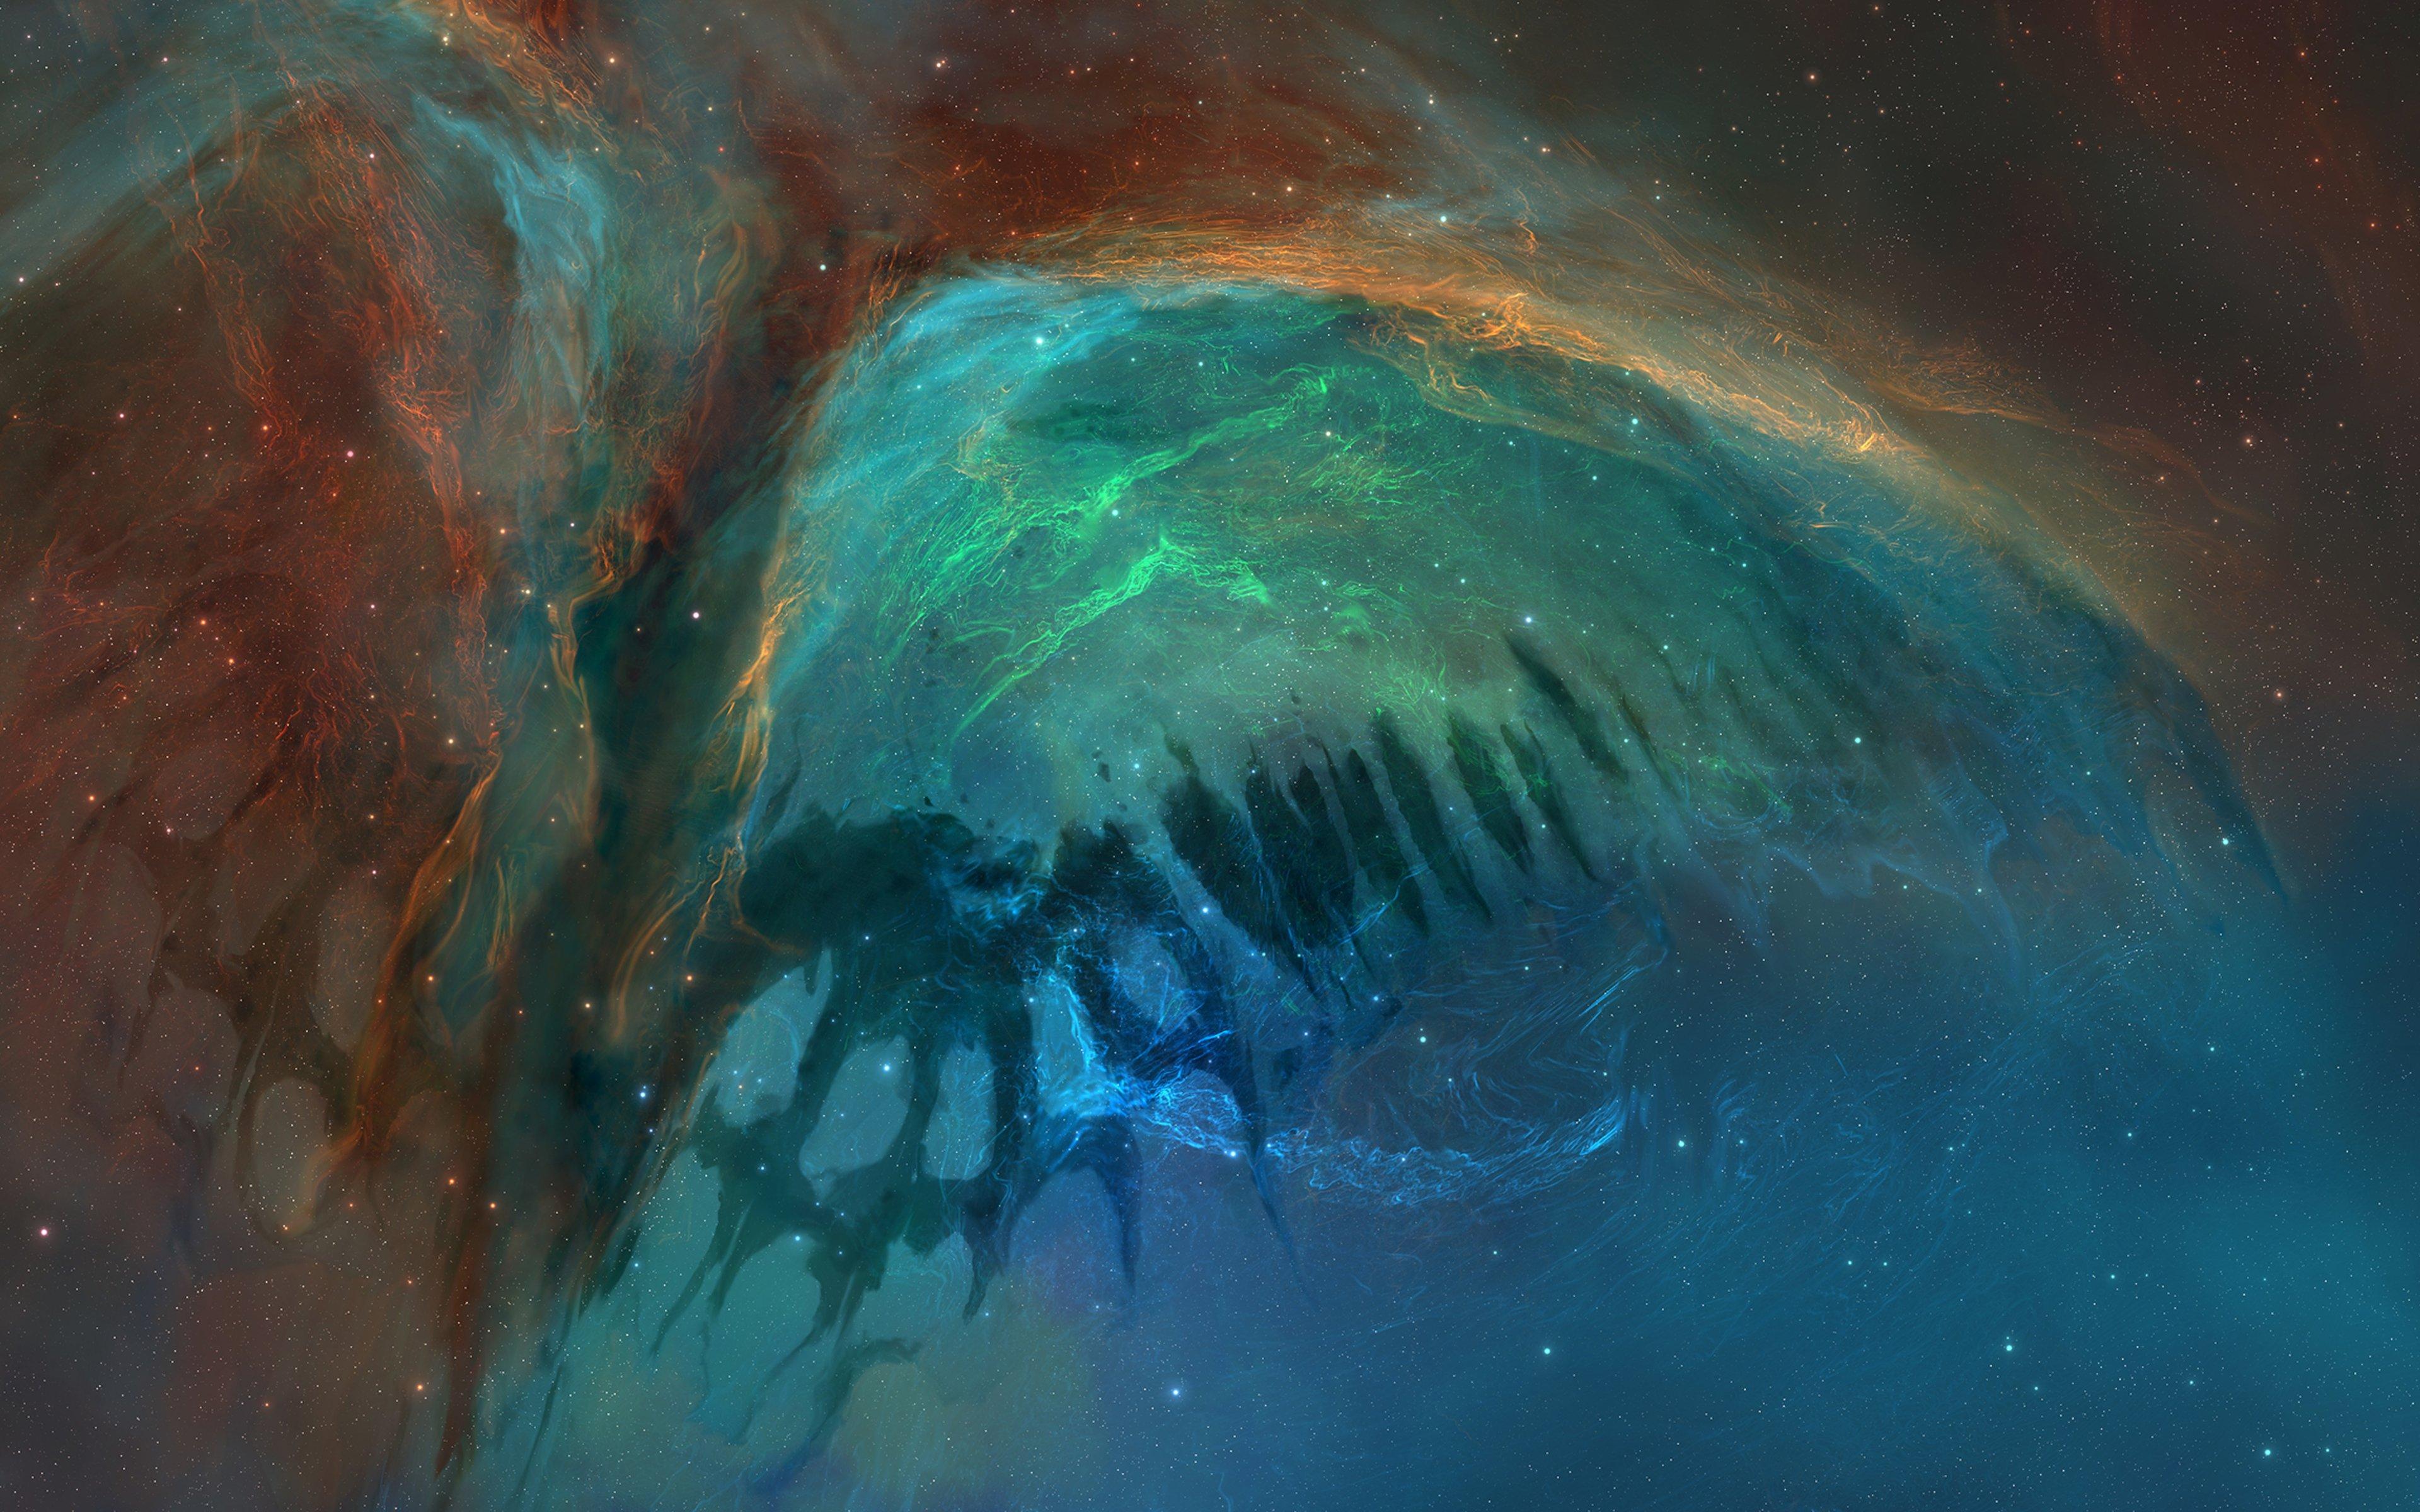 Fondos de pantalla Nebulosa como mariposa en el espacio